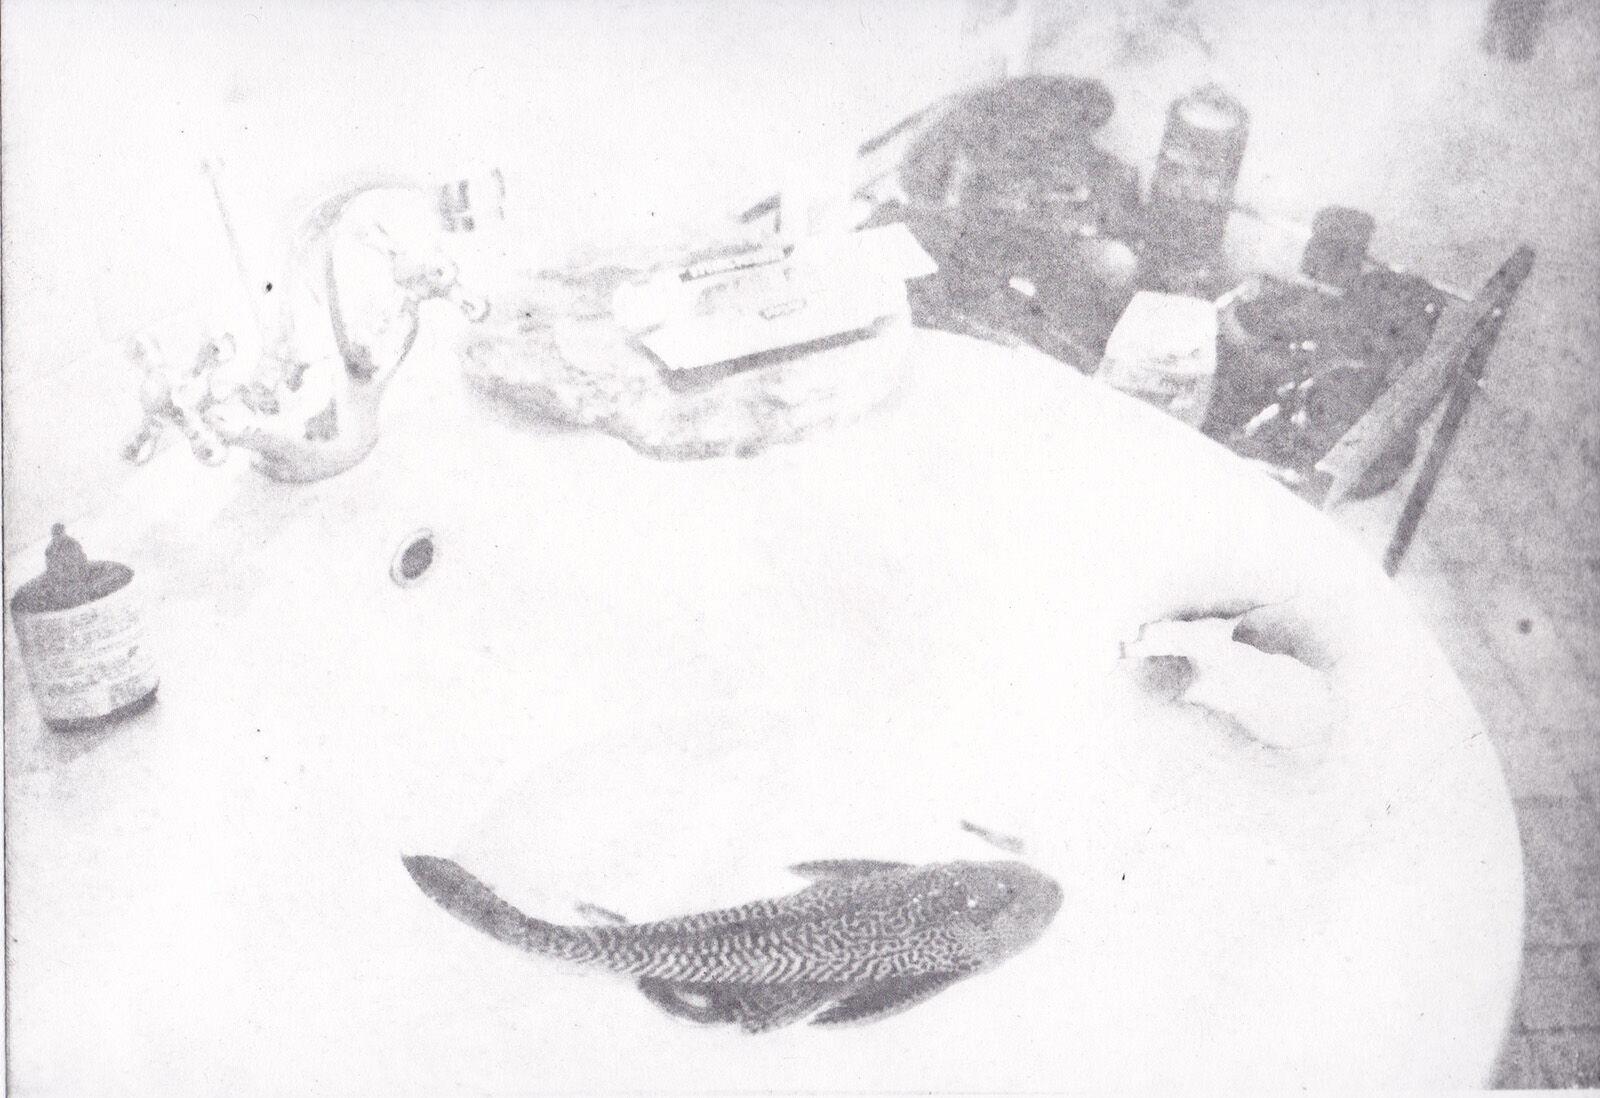 Basin Fish